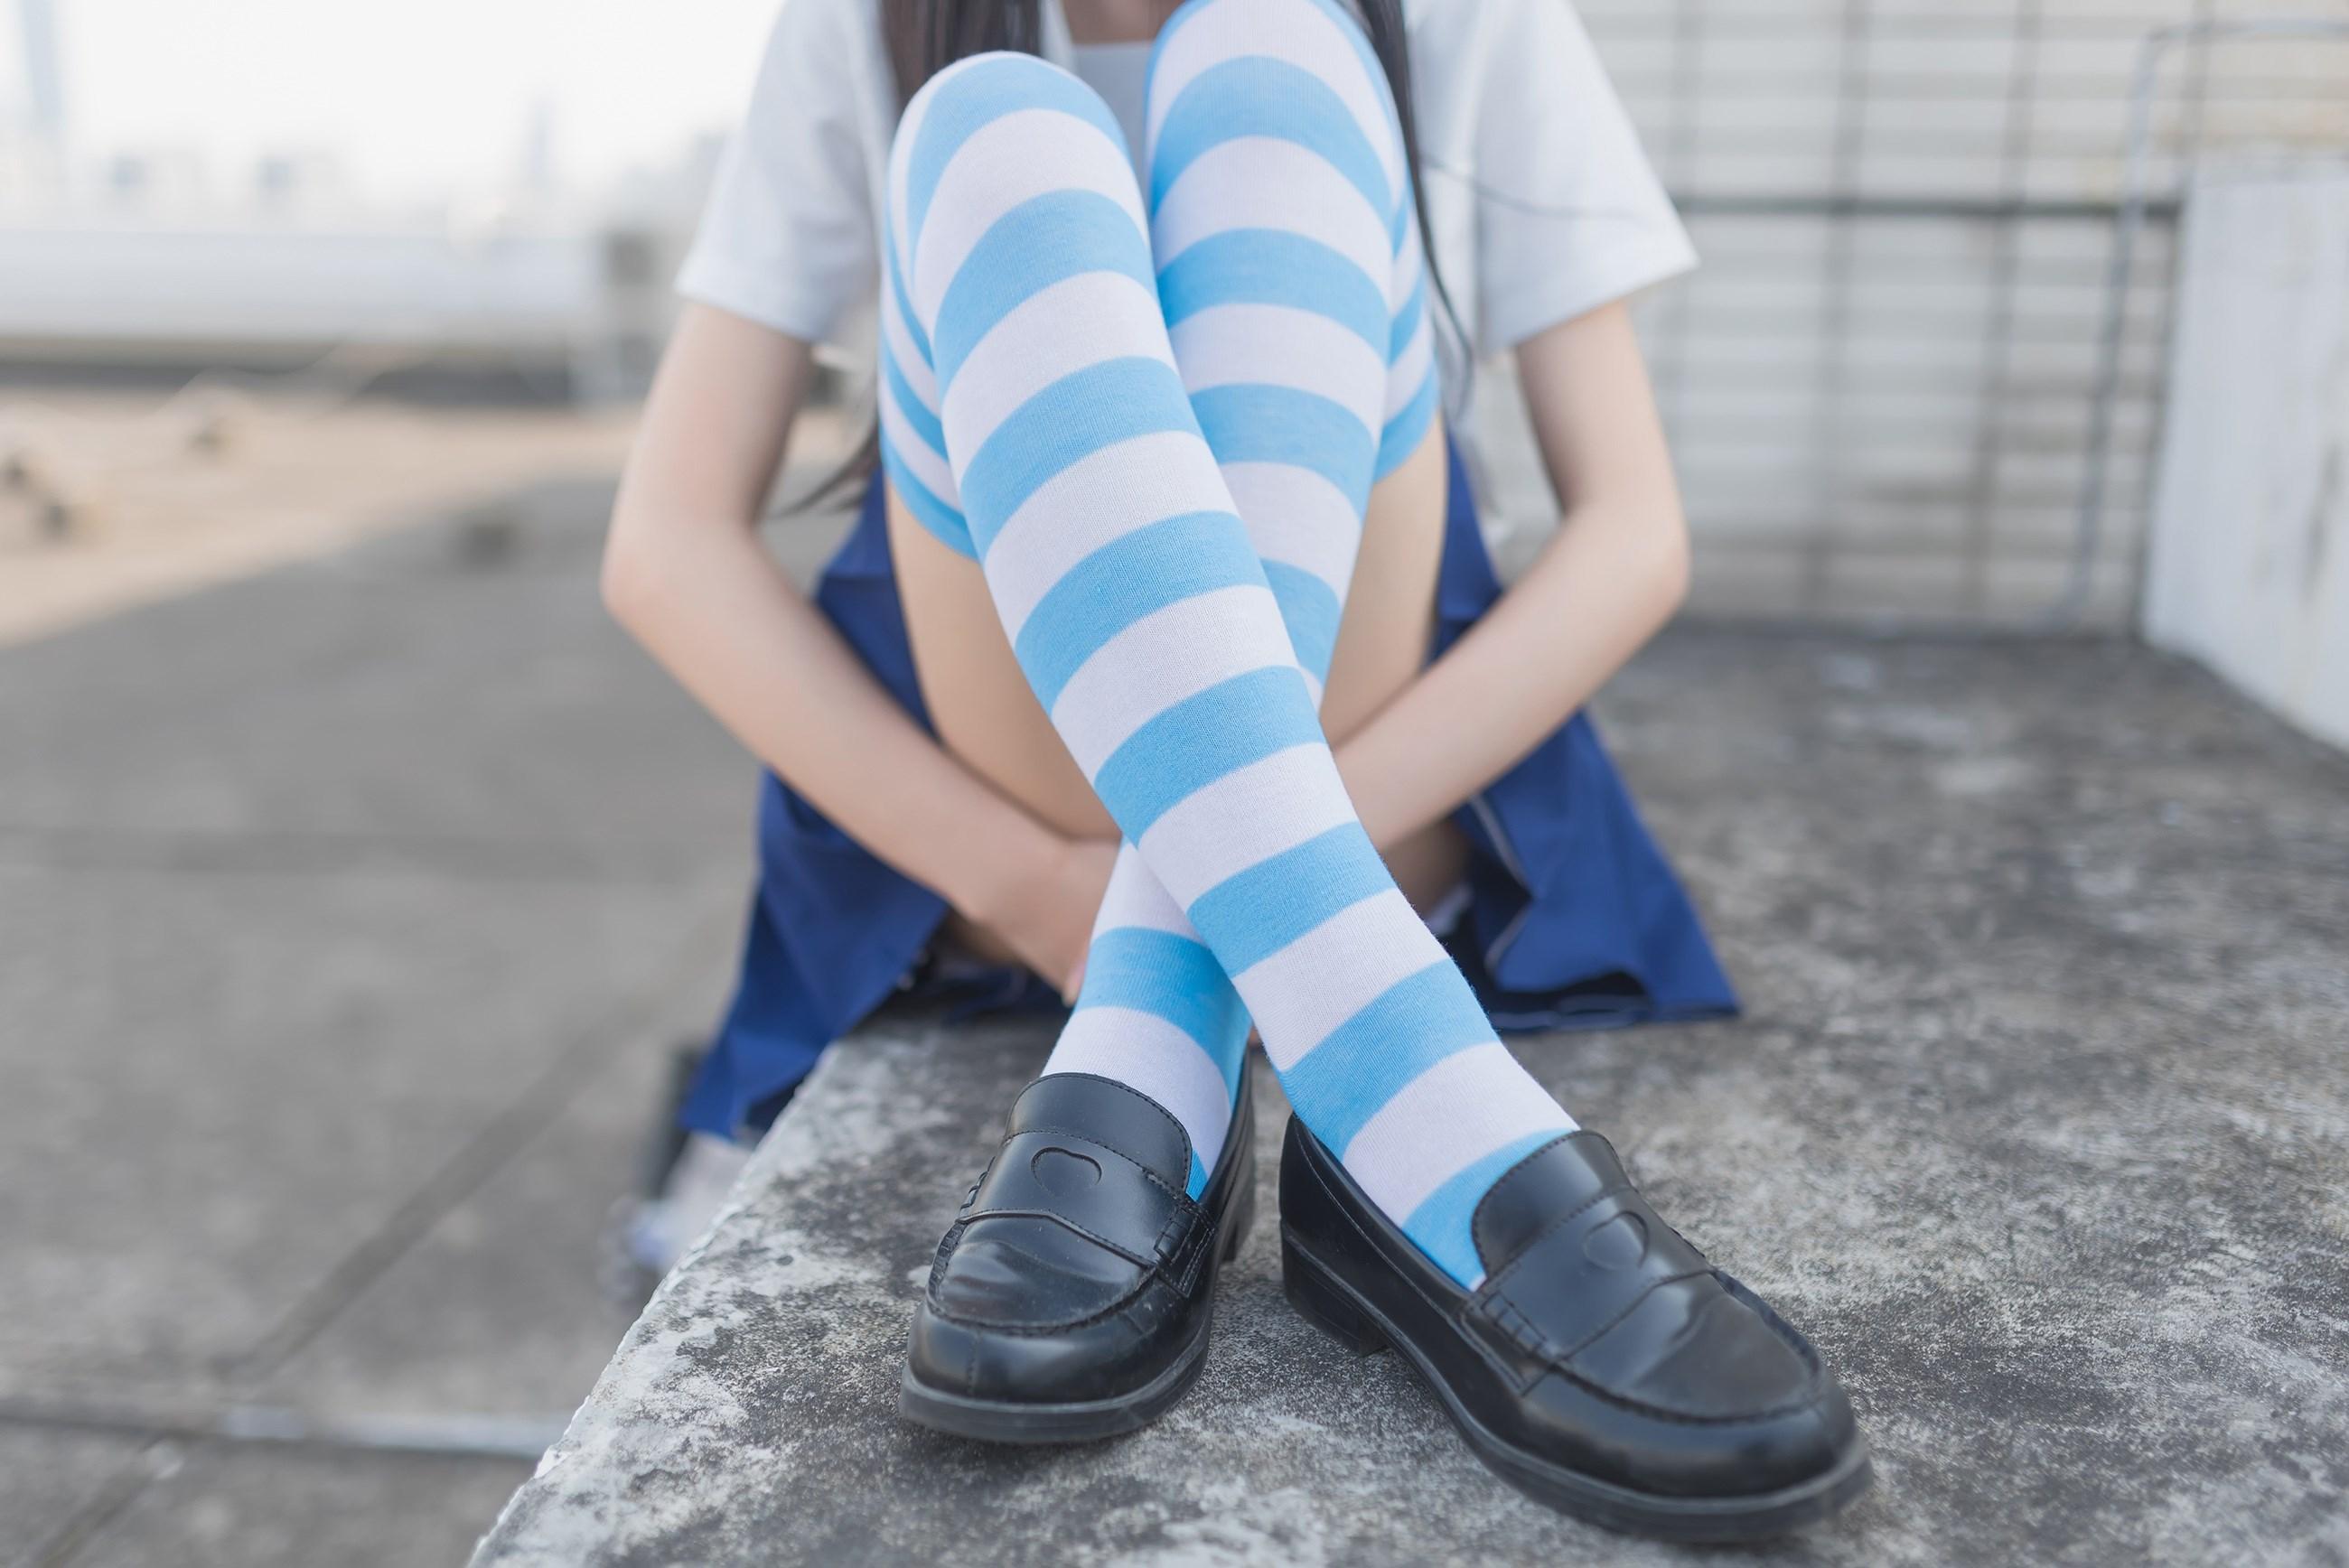 【兔玩映画】蓝白条纹的小细腿 兔玩映画 第13张